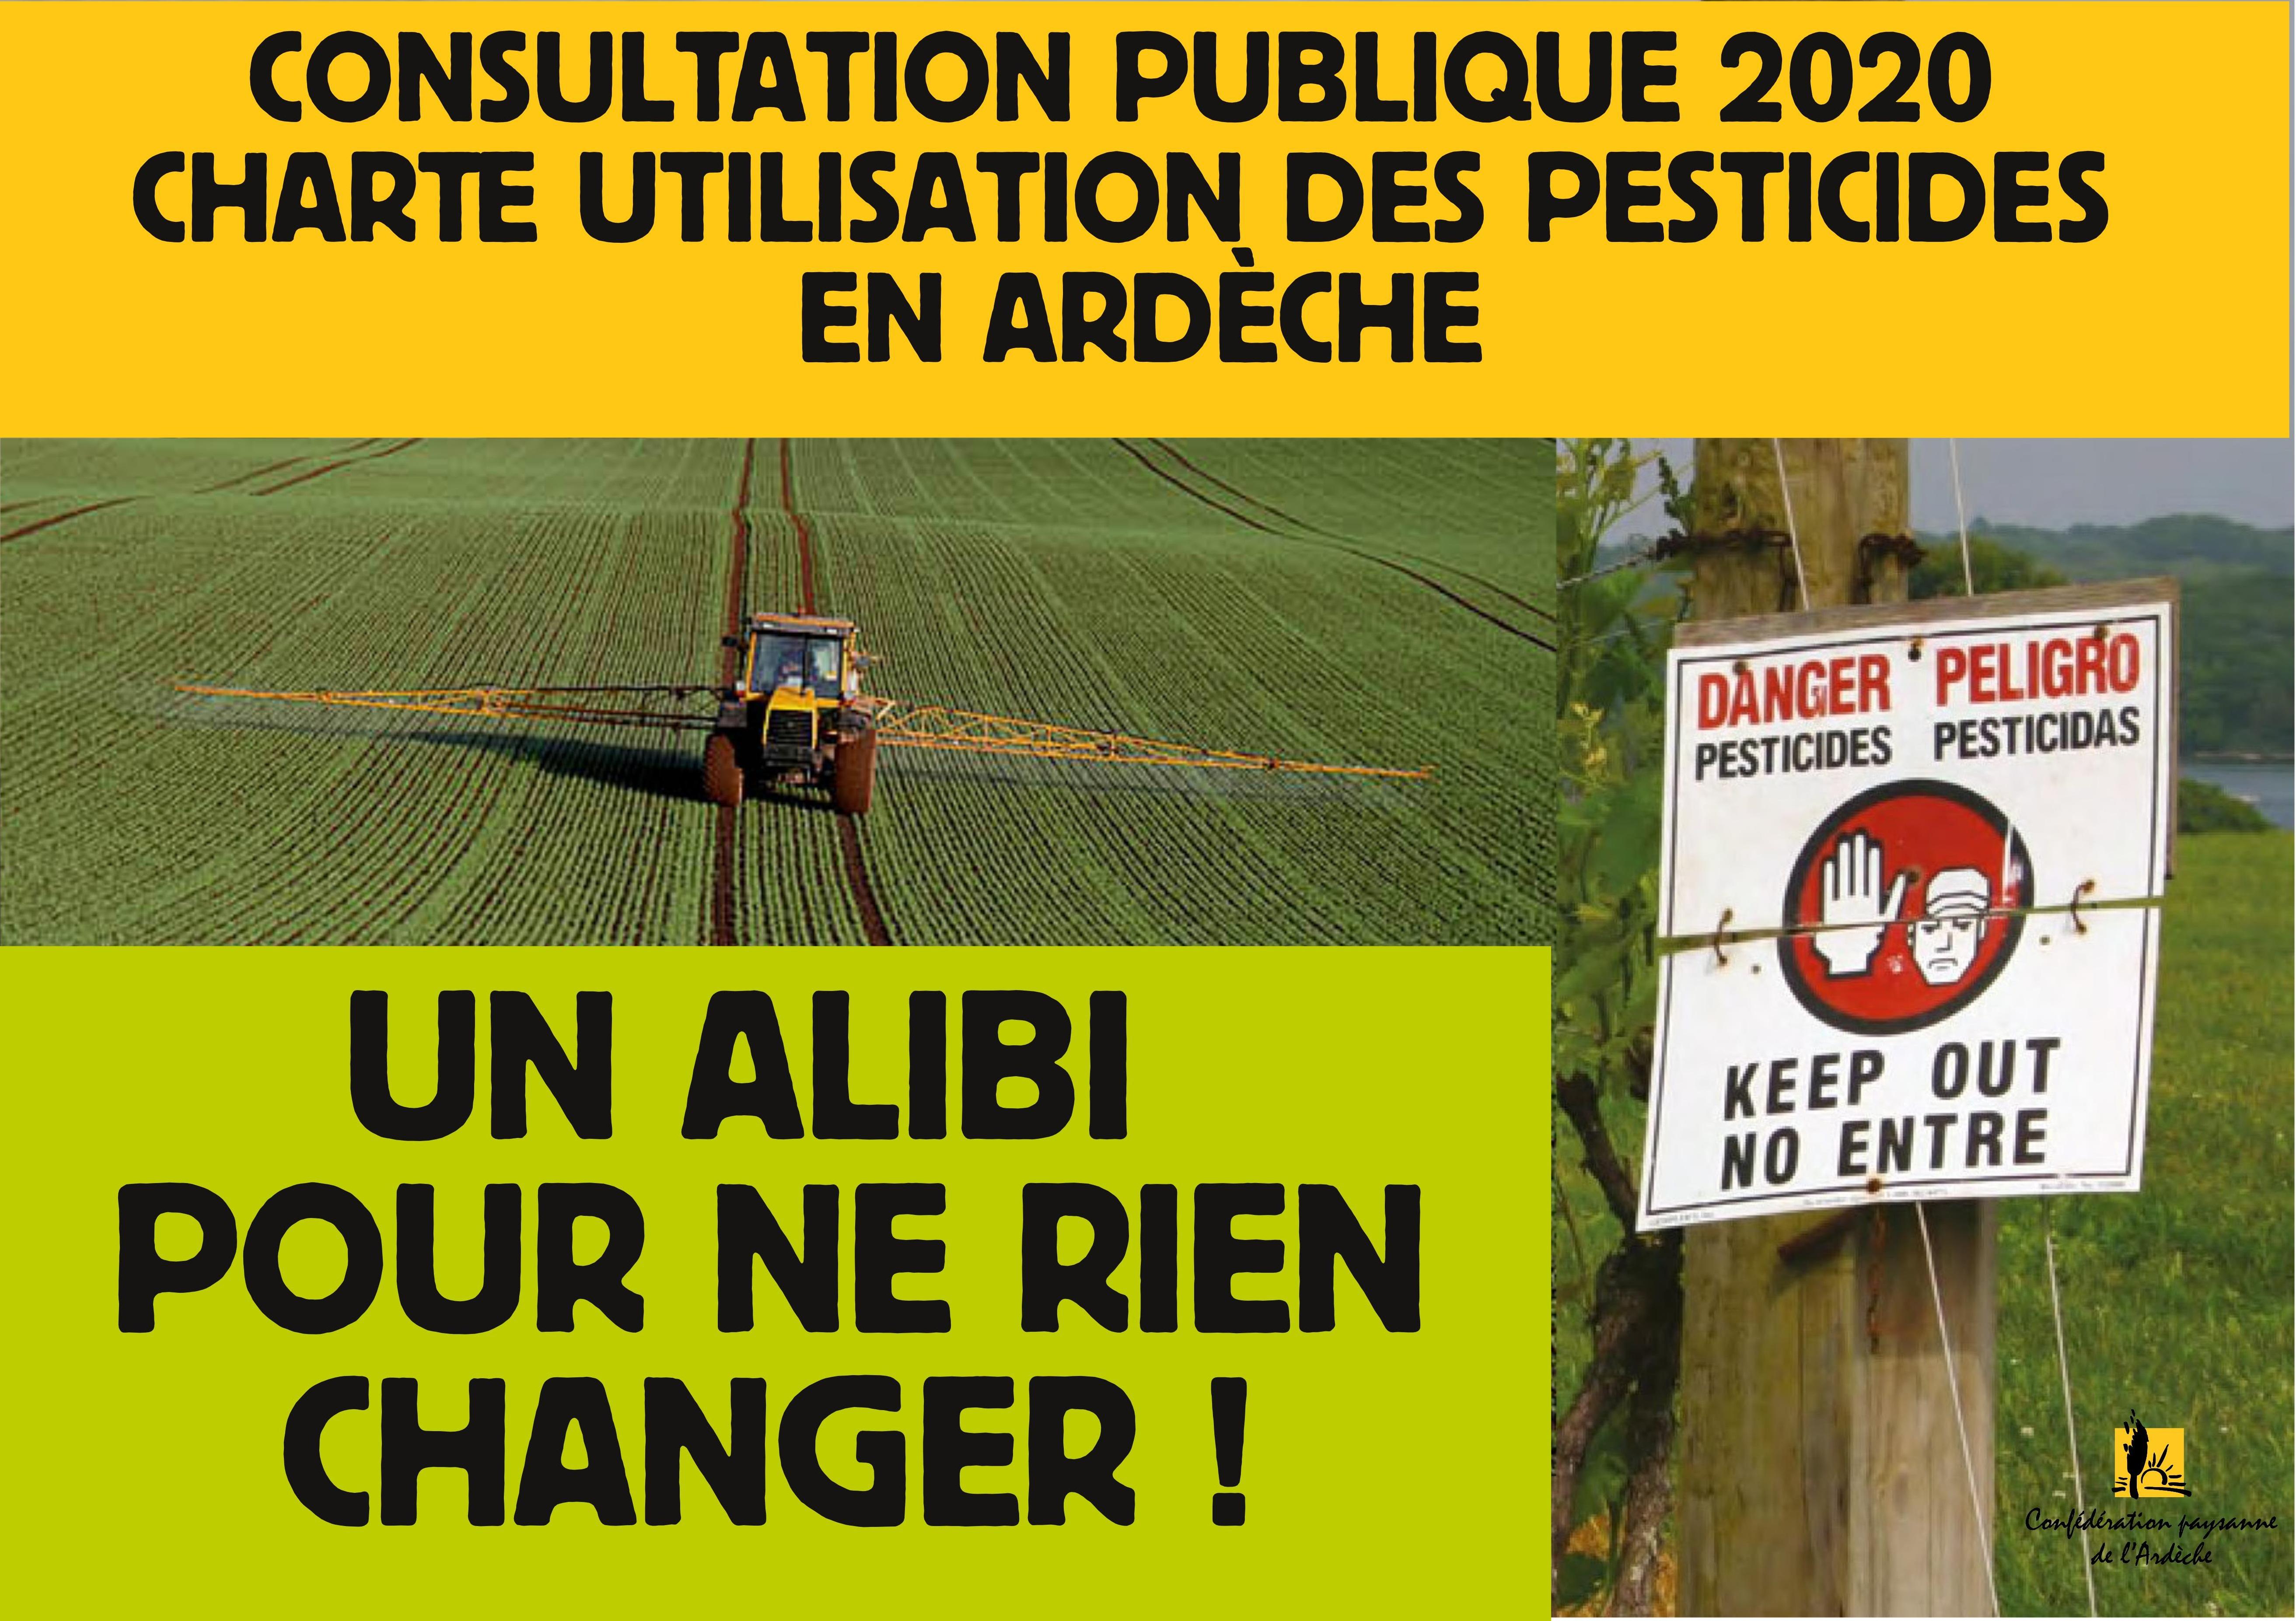 Visuel charte pesticides Adrèche